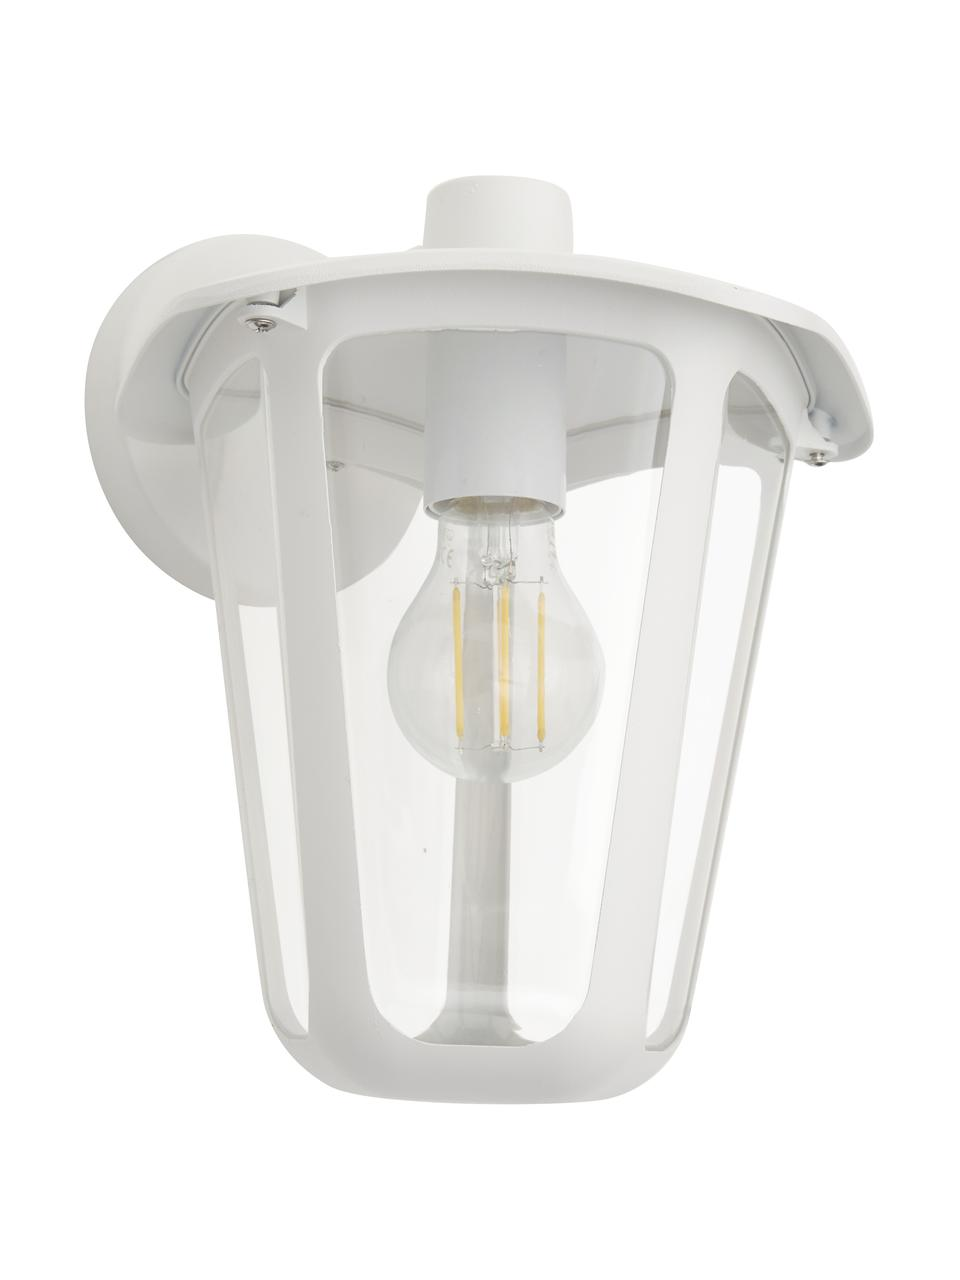 Außenwandleuchte Monreale in Weiß, Gehäuse: Aluminium, Lampenschirm: Kunststoff, Weiß, 23 x 28 cm